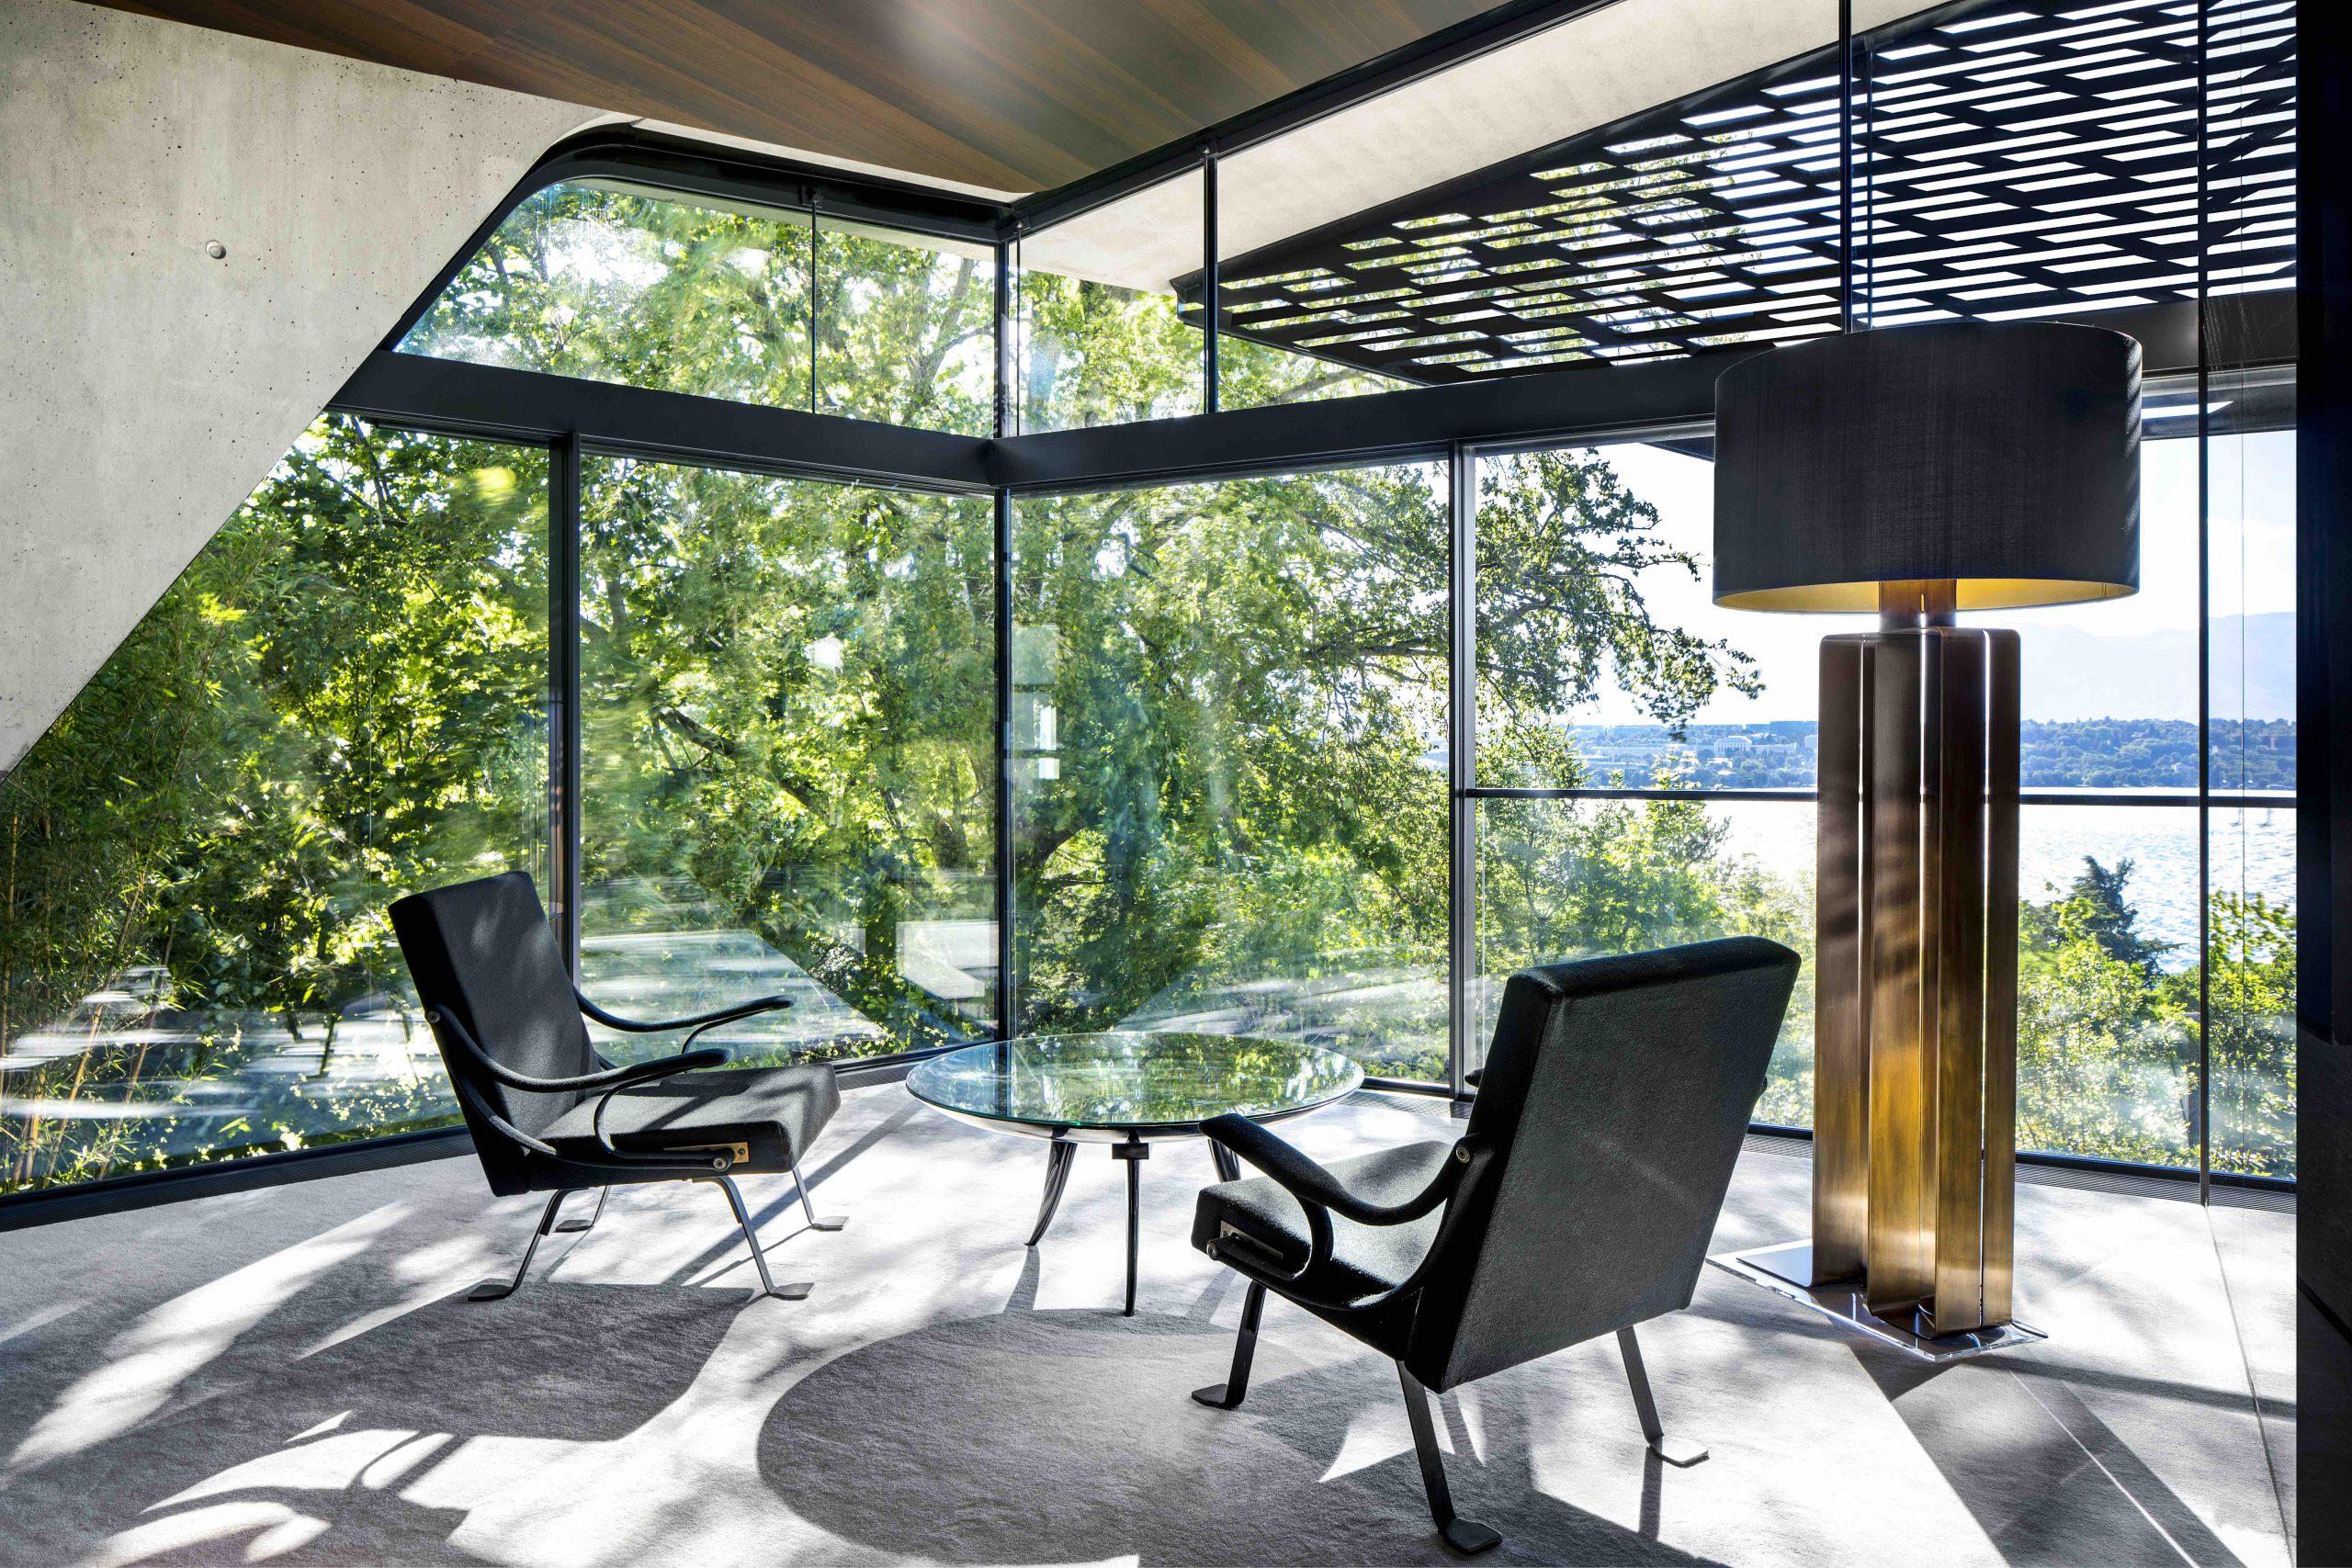 Exklusiv arkitektur från världens bästa arkitekter. Exklusiv inredning och design i exklusiva hem.